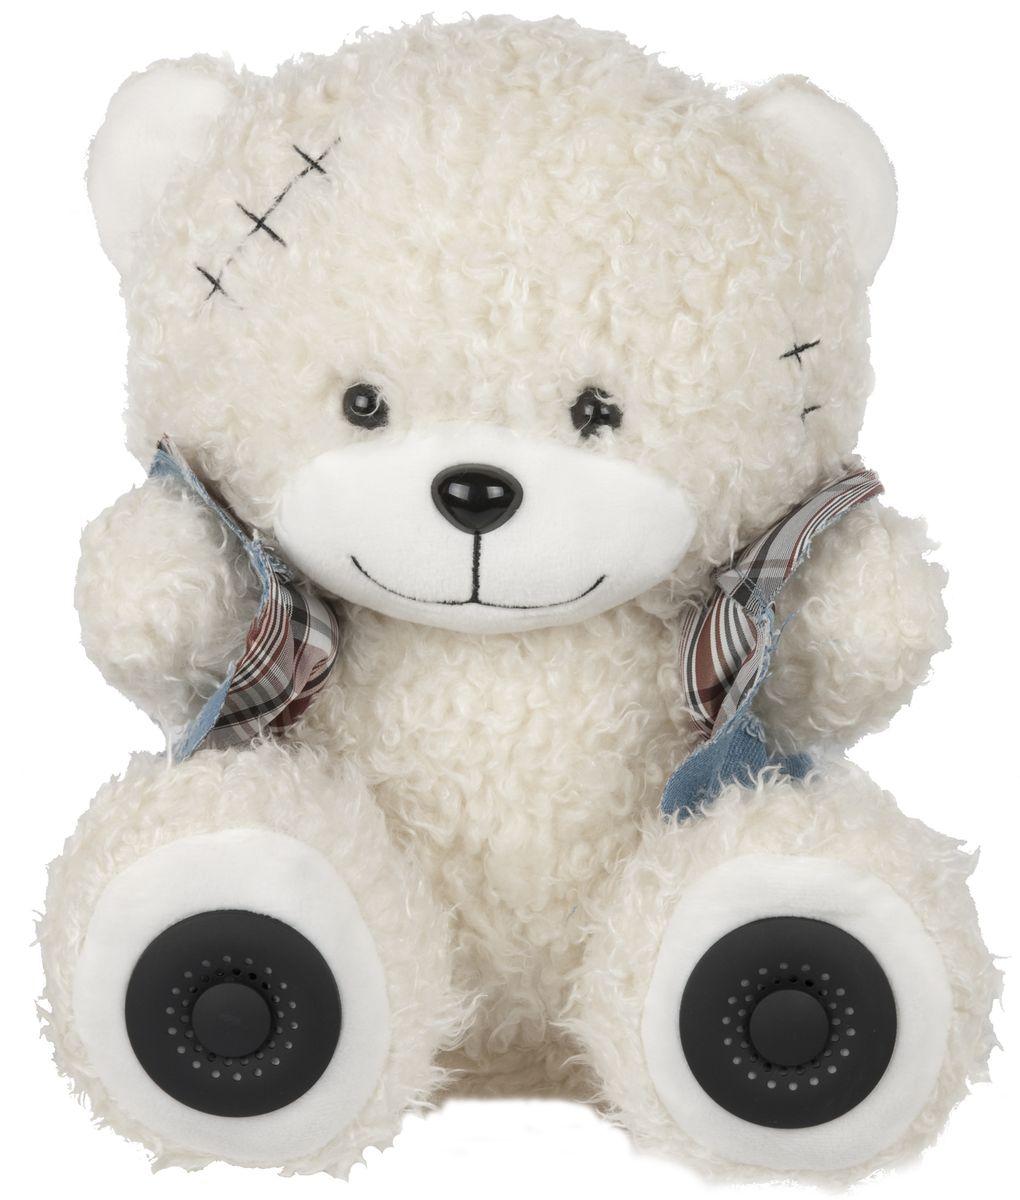 Ritmix ST-150 Bear, White портативная акустическая система15118373Портативная аудиосистема, режимы : карта SD, USB, AUX, стерео, мощность 2*3 Вт, встр. аккумулятор, 2000 мАч, форма: медведь, цвет: белый